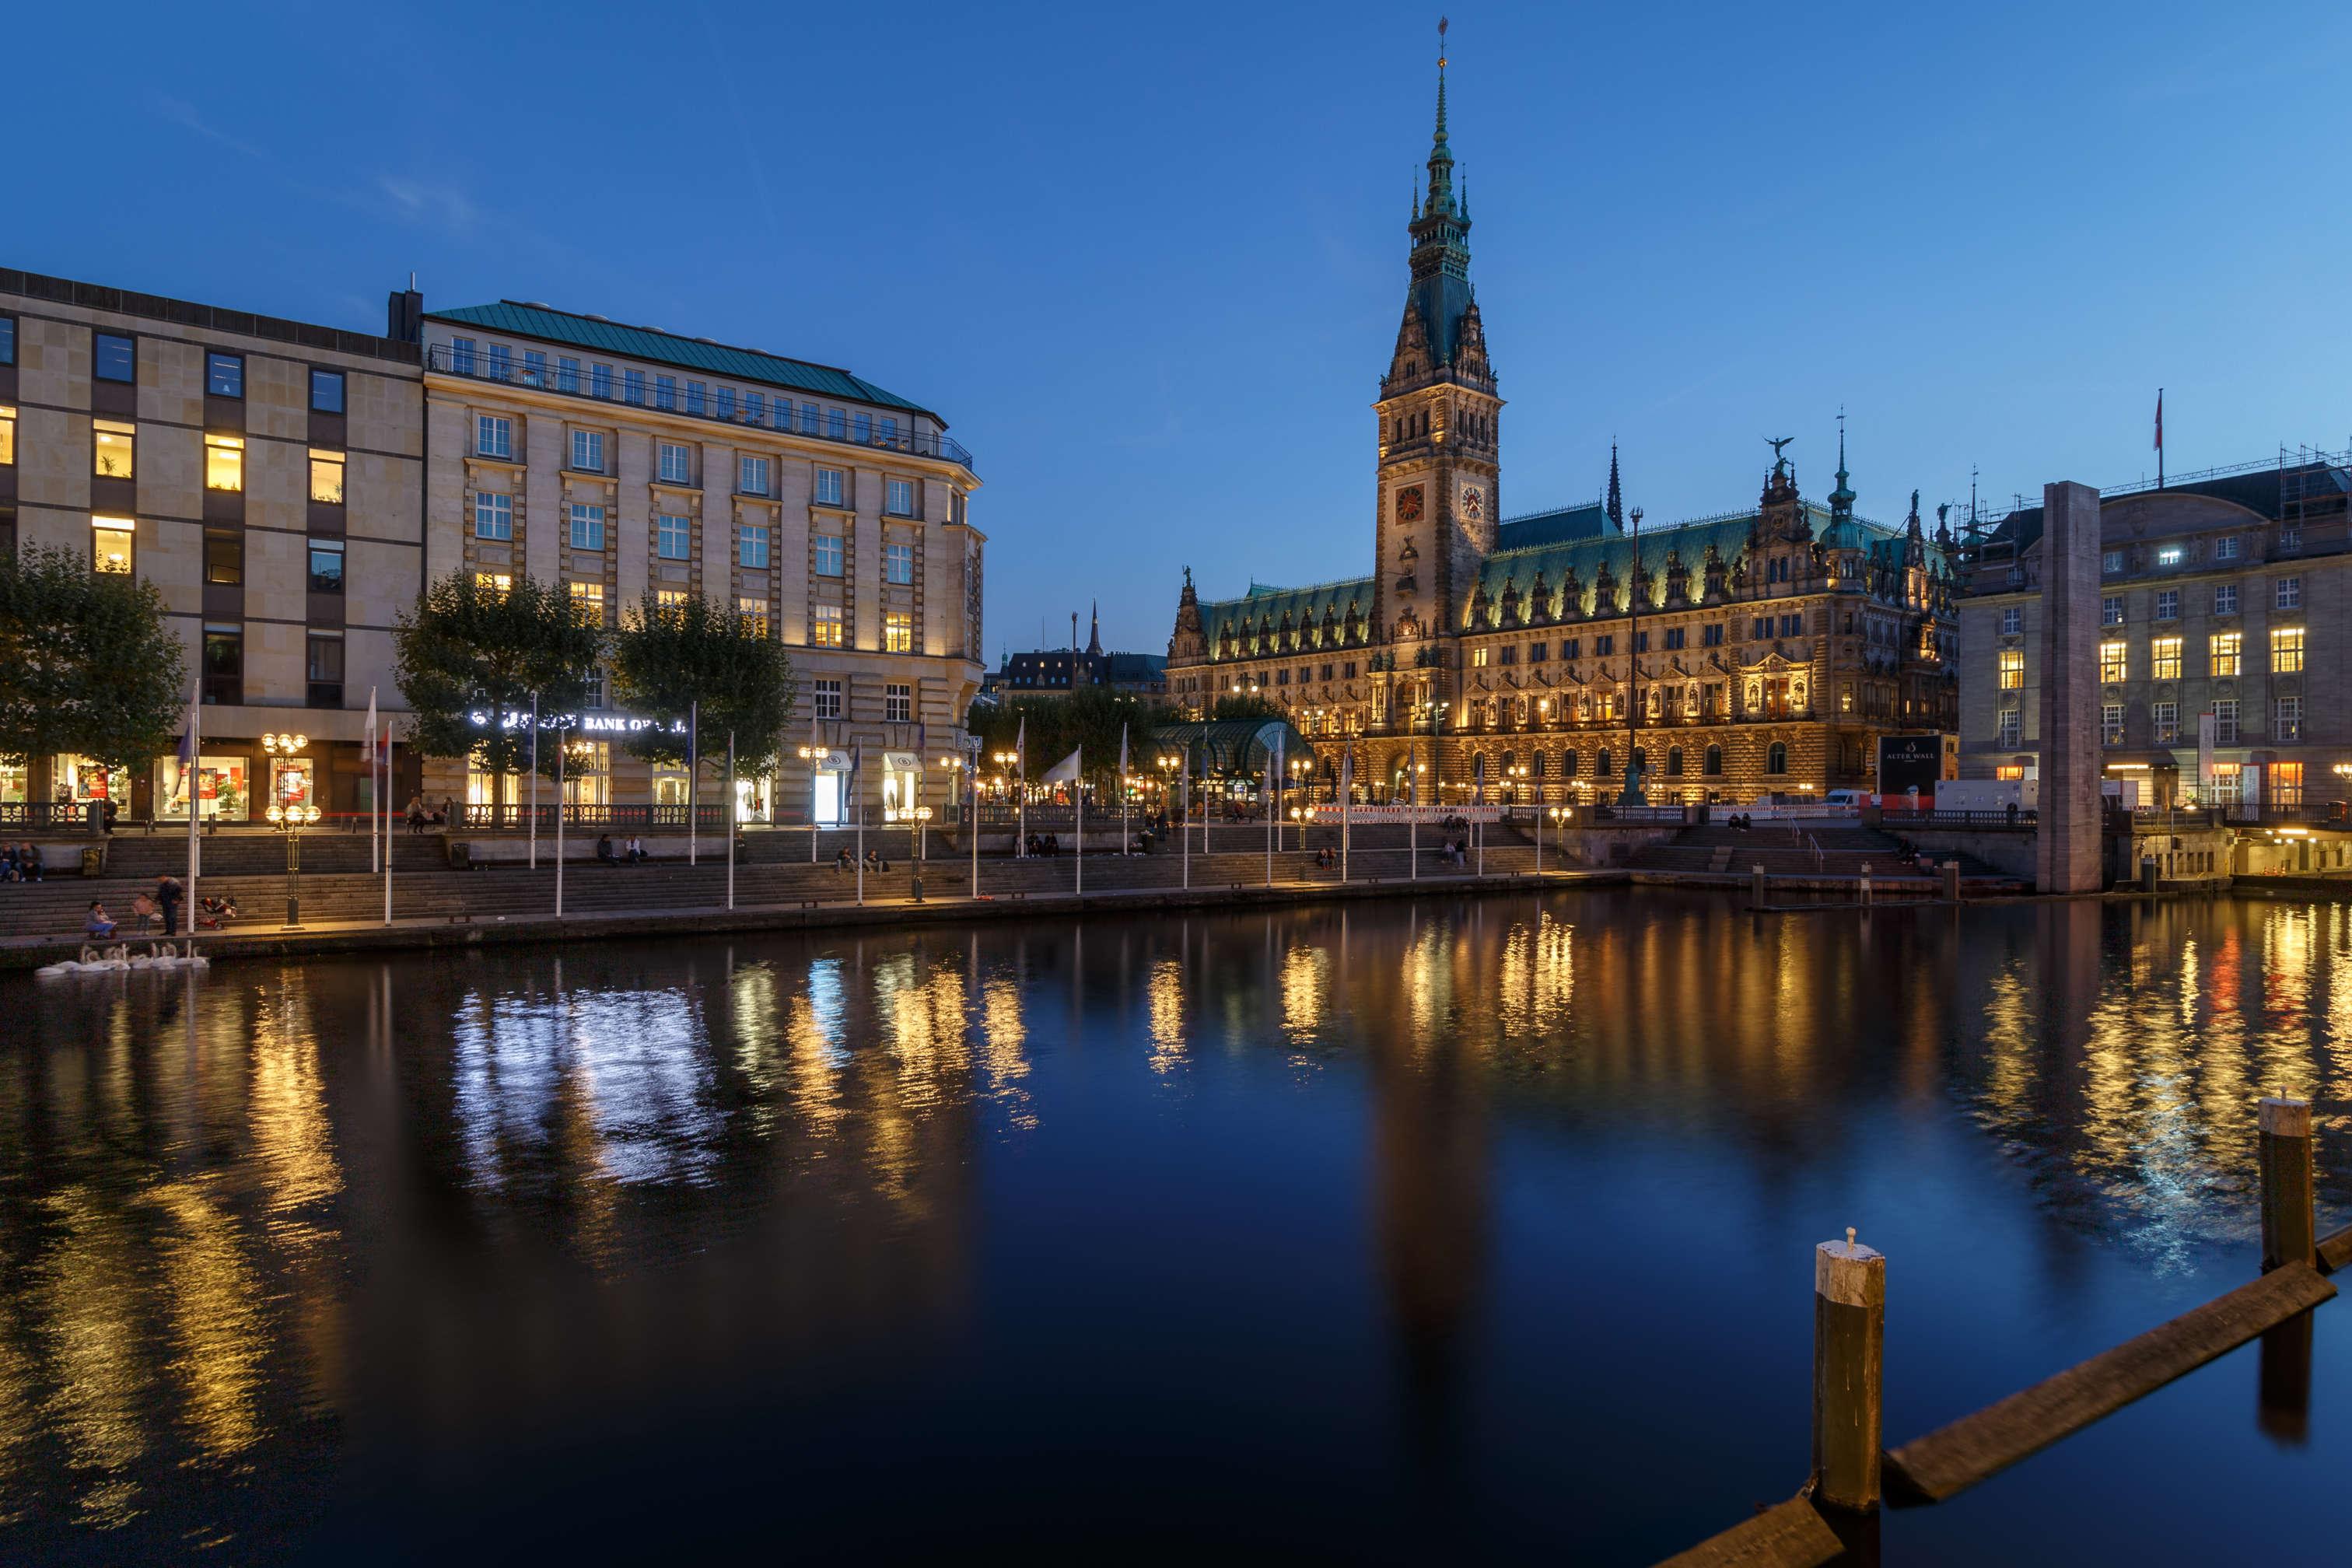 Das Hamburger Rathaus in der blauen Stunde